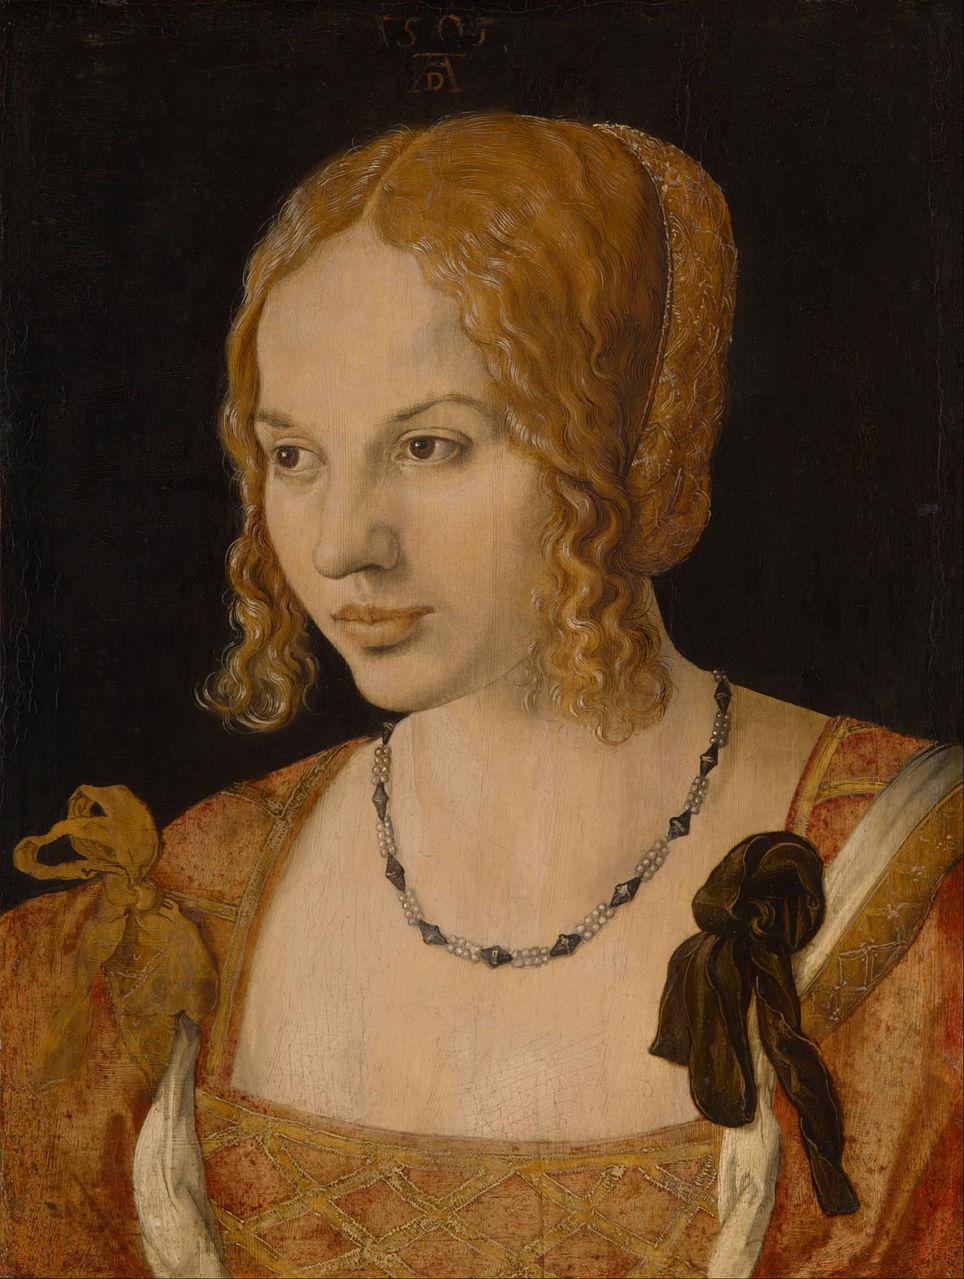 Альбрехт Дюрер. Портрет венецианки. 1505